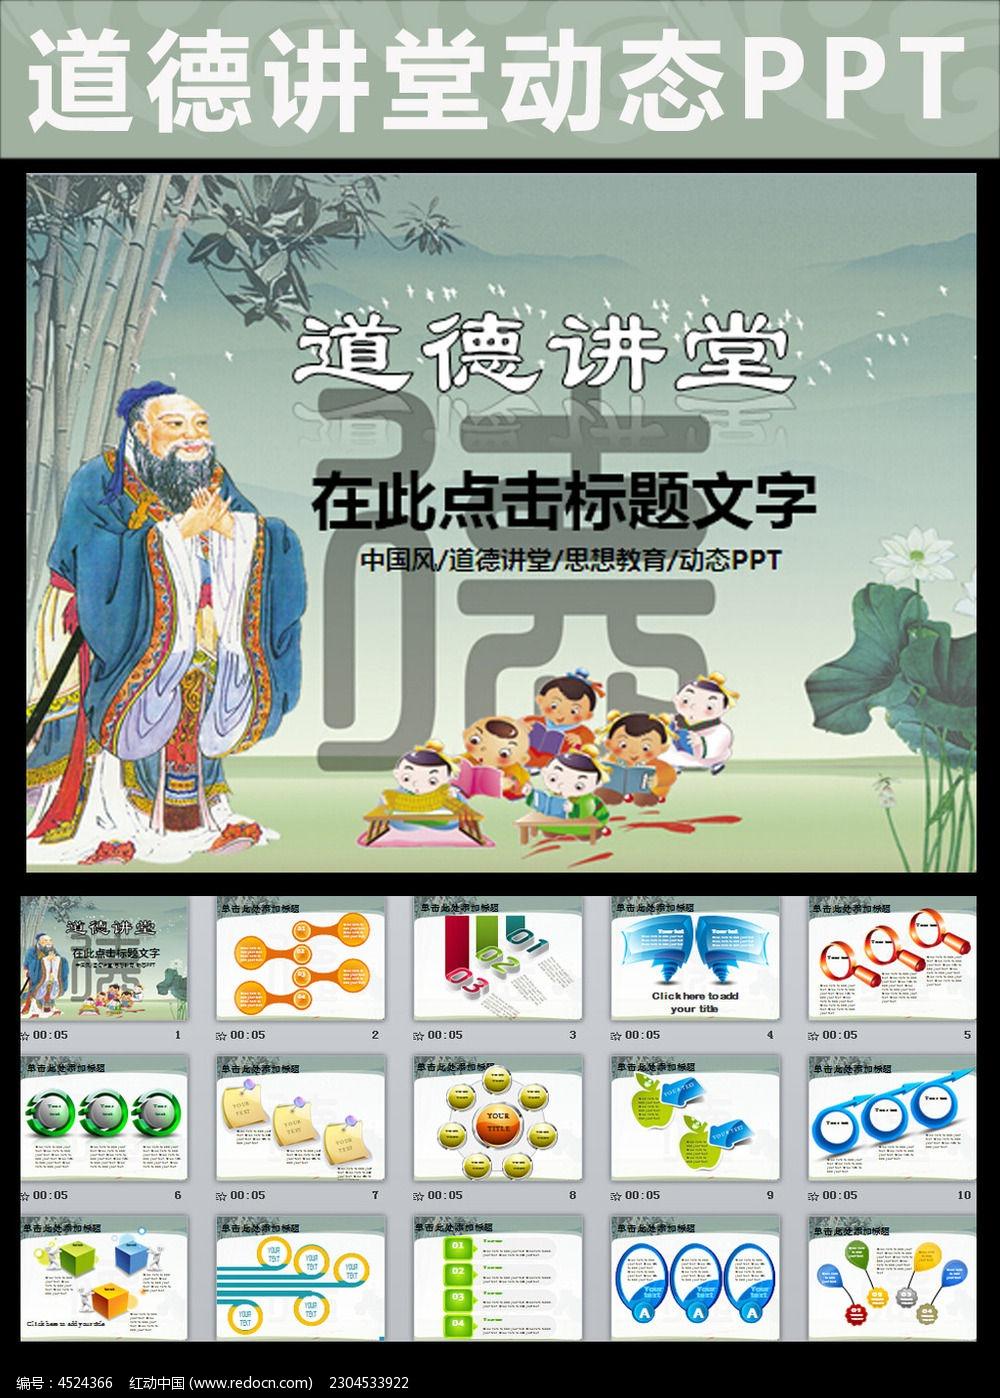 中国风道德讲堂PPT儿童思想教育模板下载 中国风道德讲堂PPT儿童